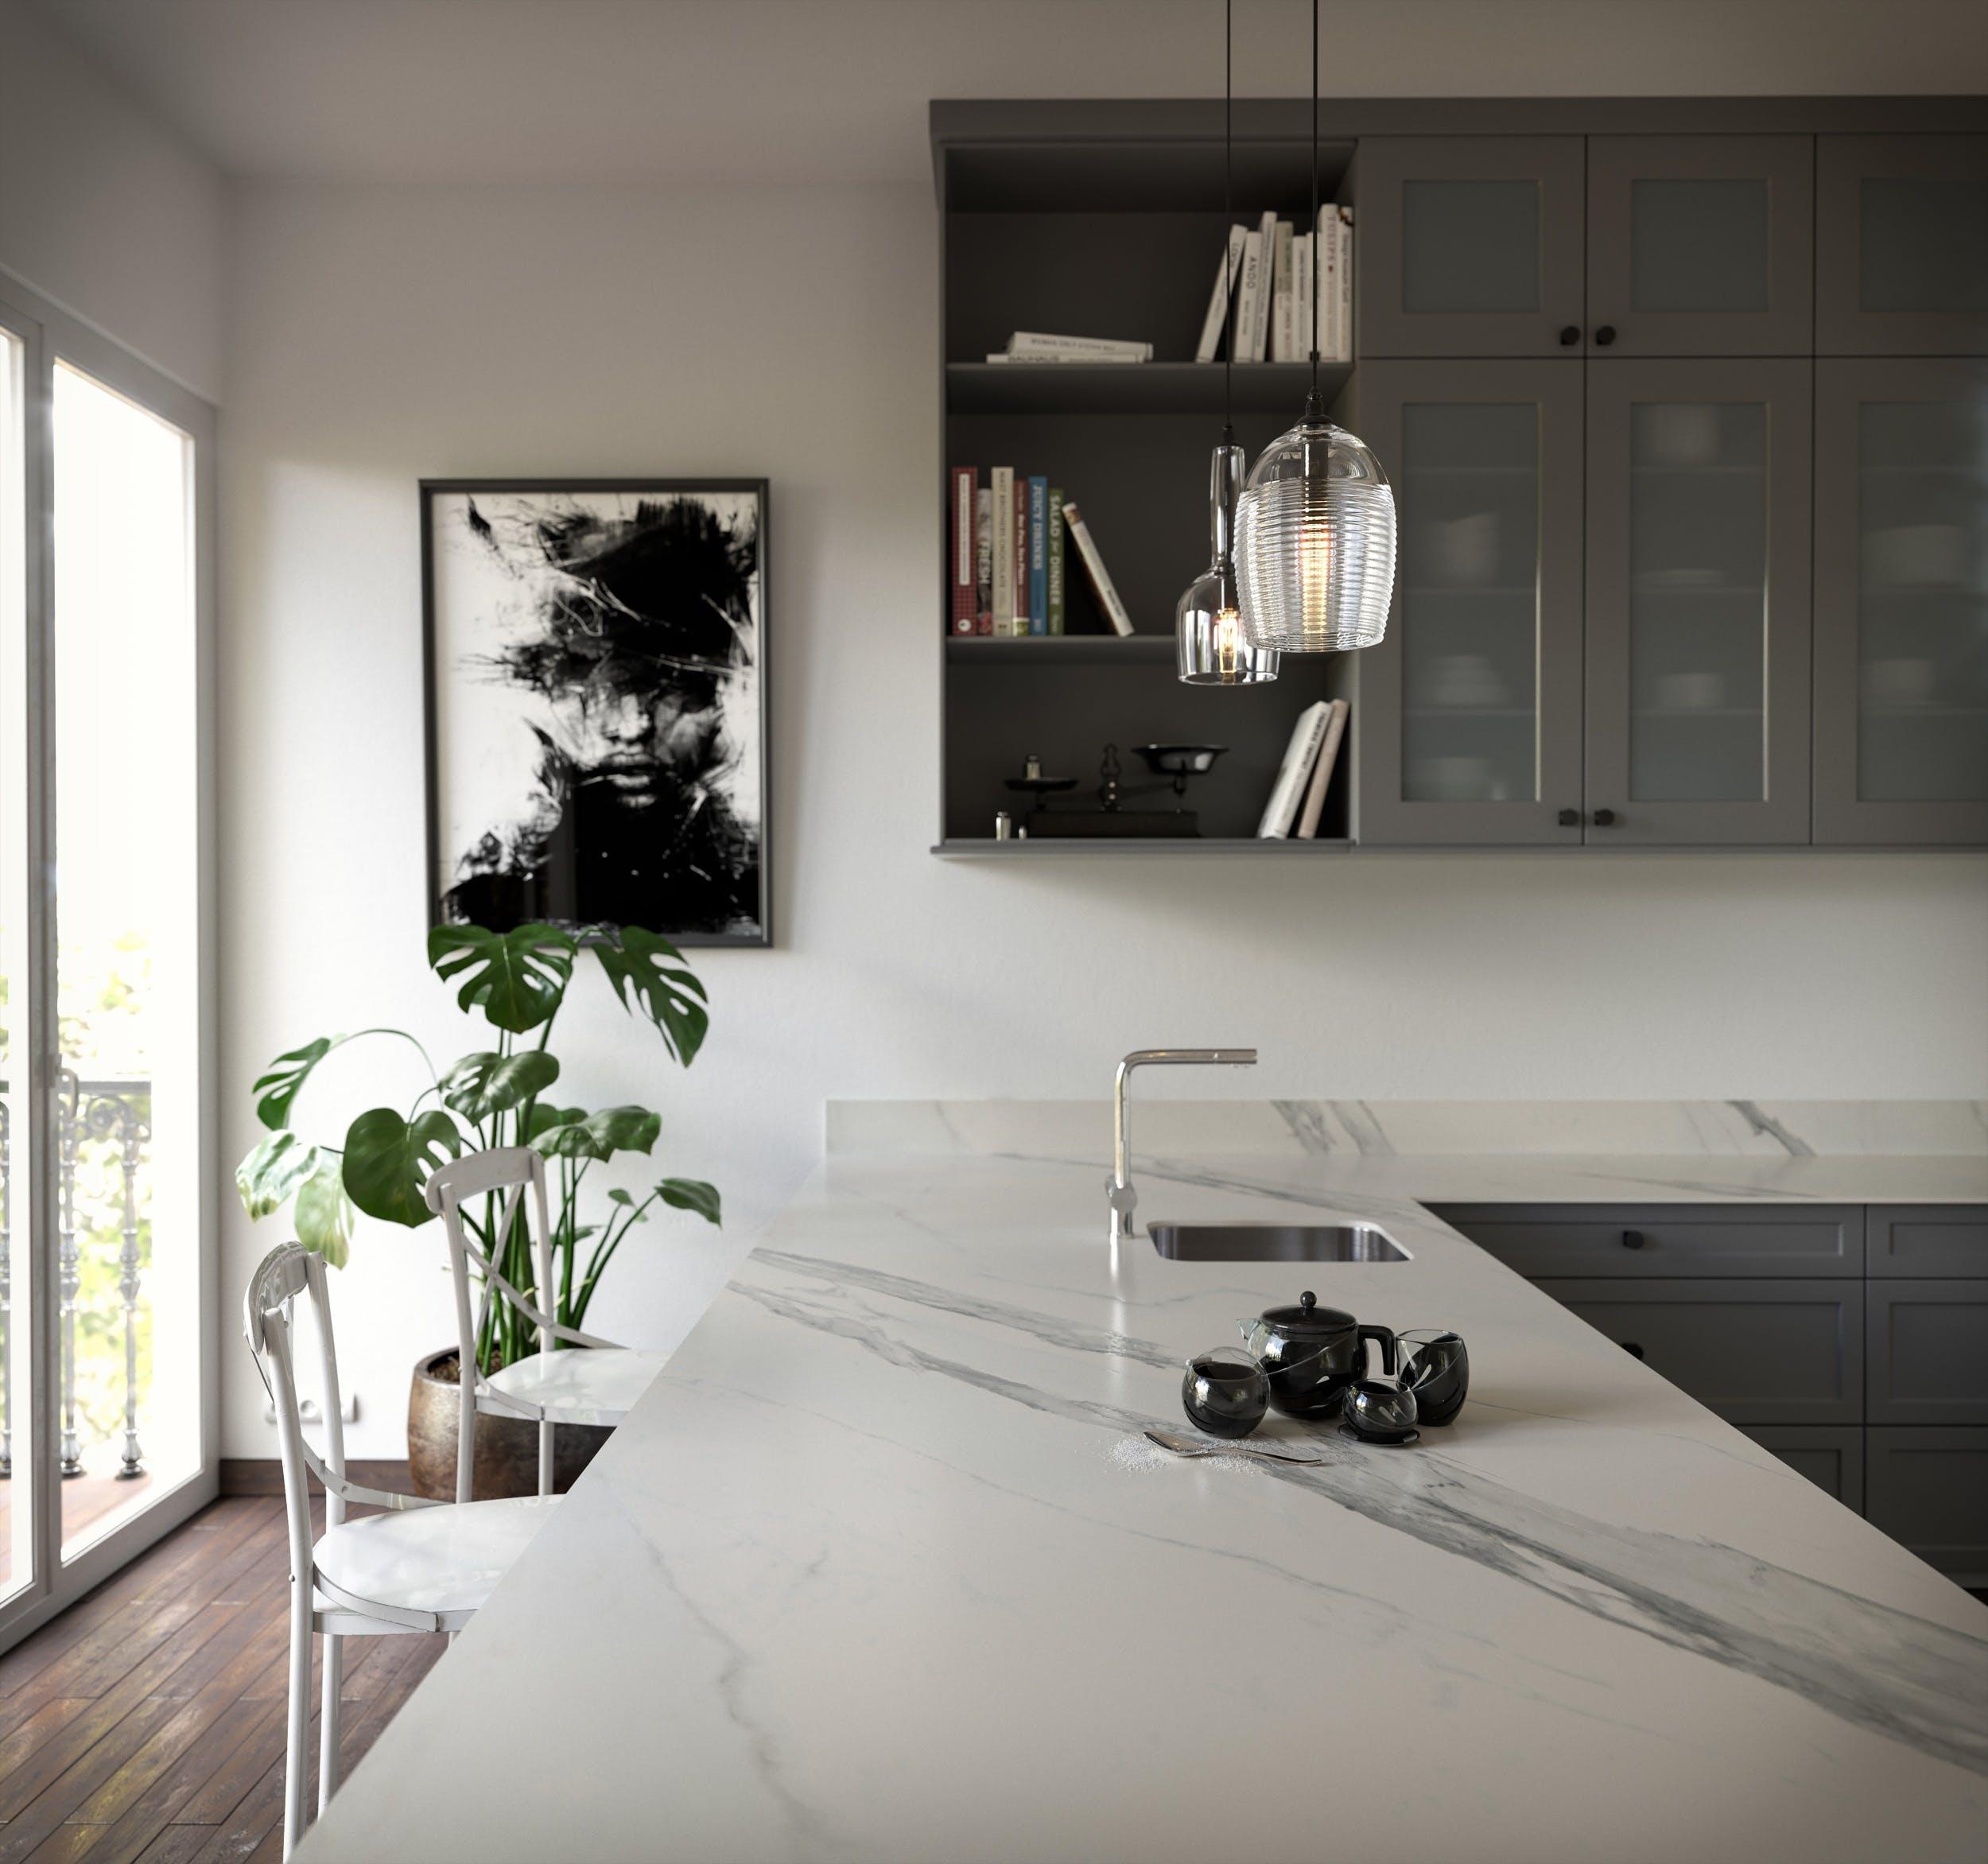 Image of Dekton Opera kitchen countertop lr 3 in Dekton® by Cosentino Introduces Opera and Natura - Cosentino